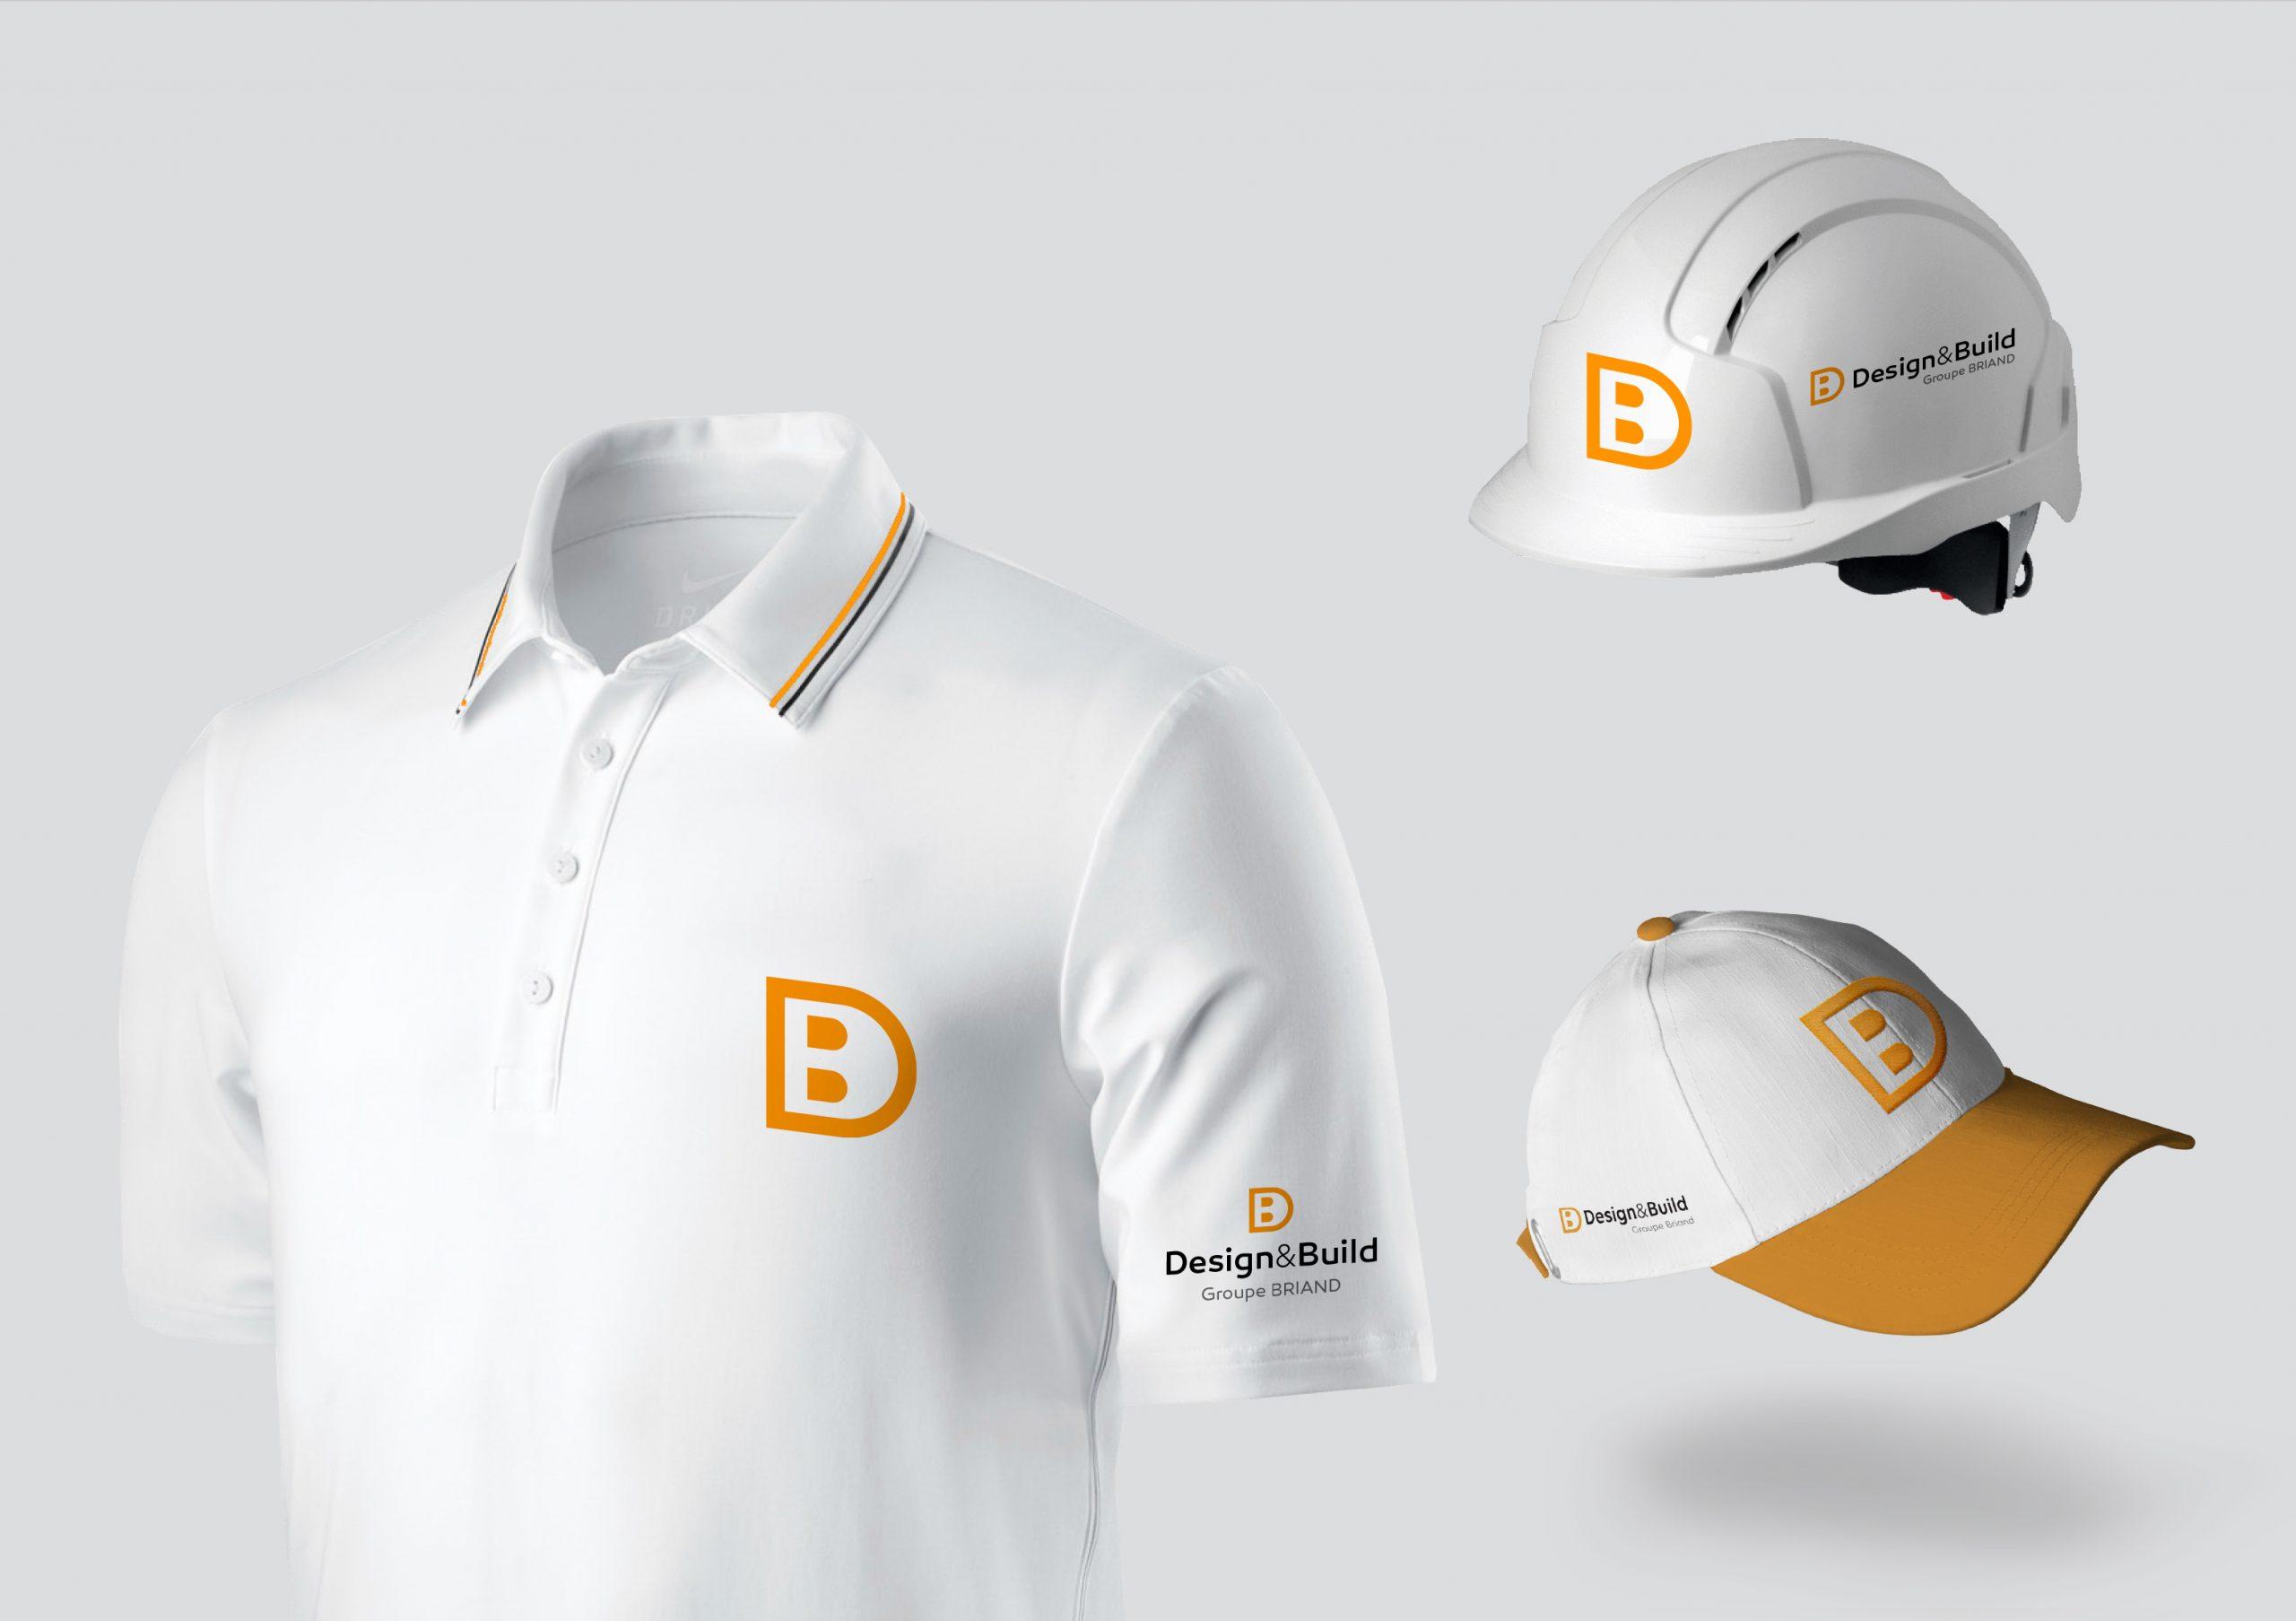 Déclinaisons logo Design & Build sur t-shirt et casque